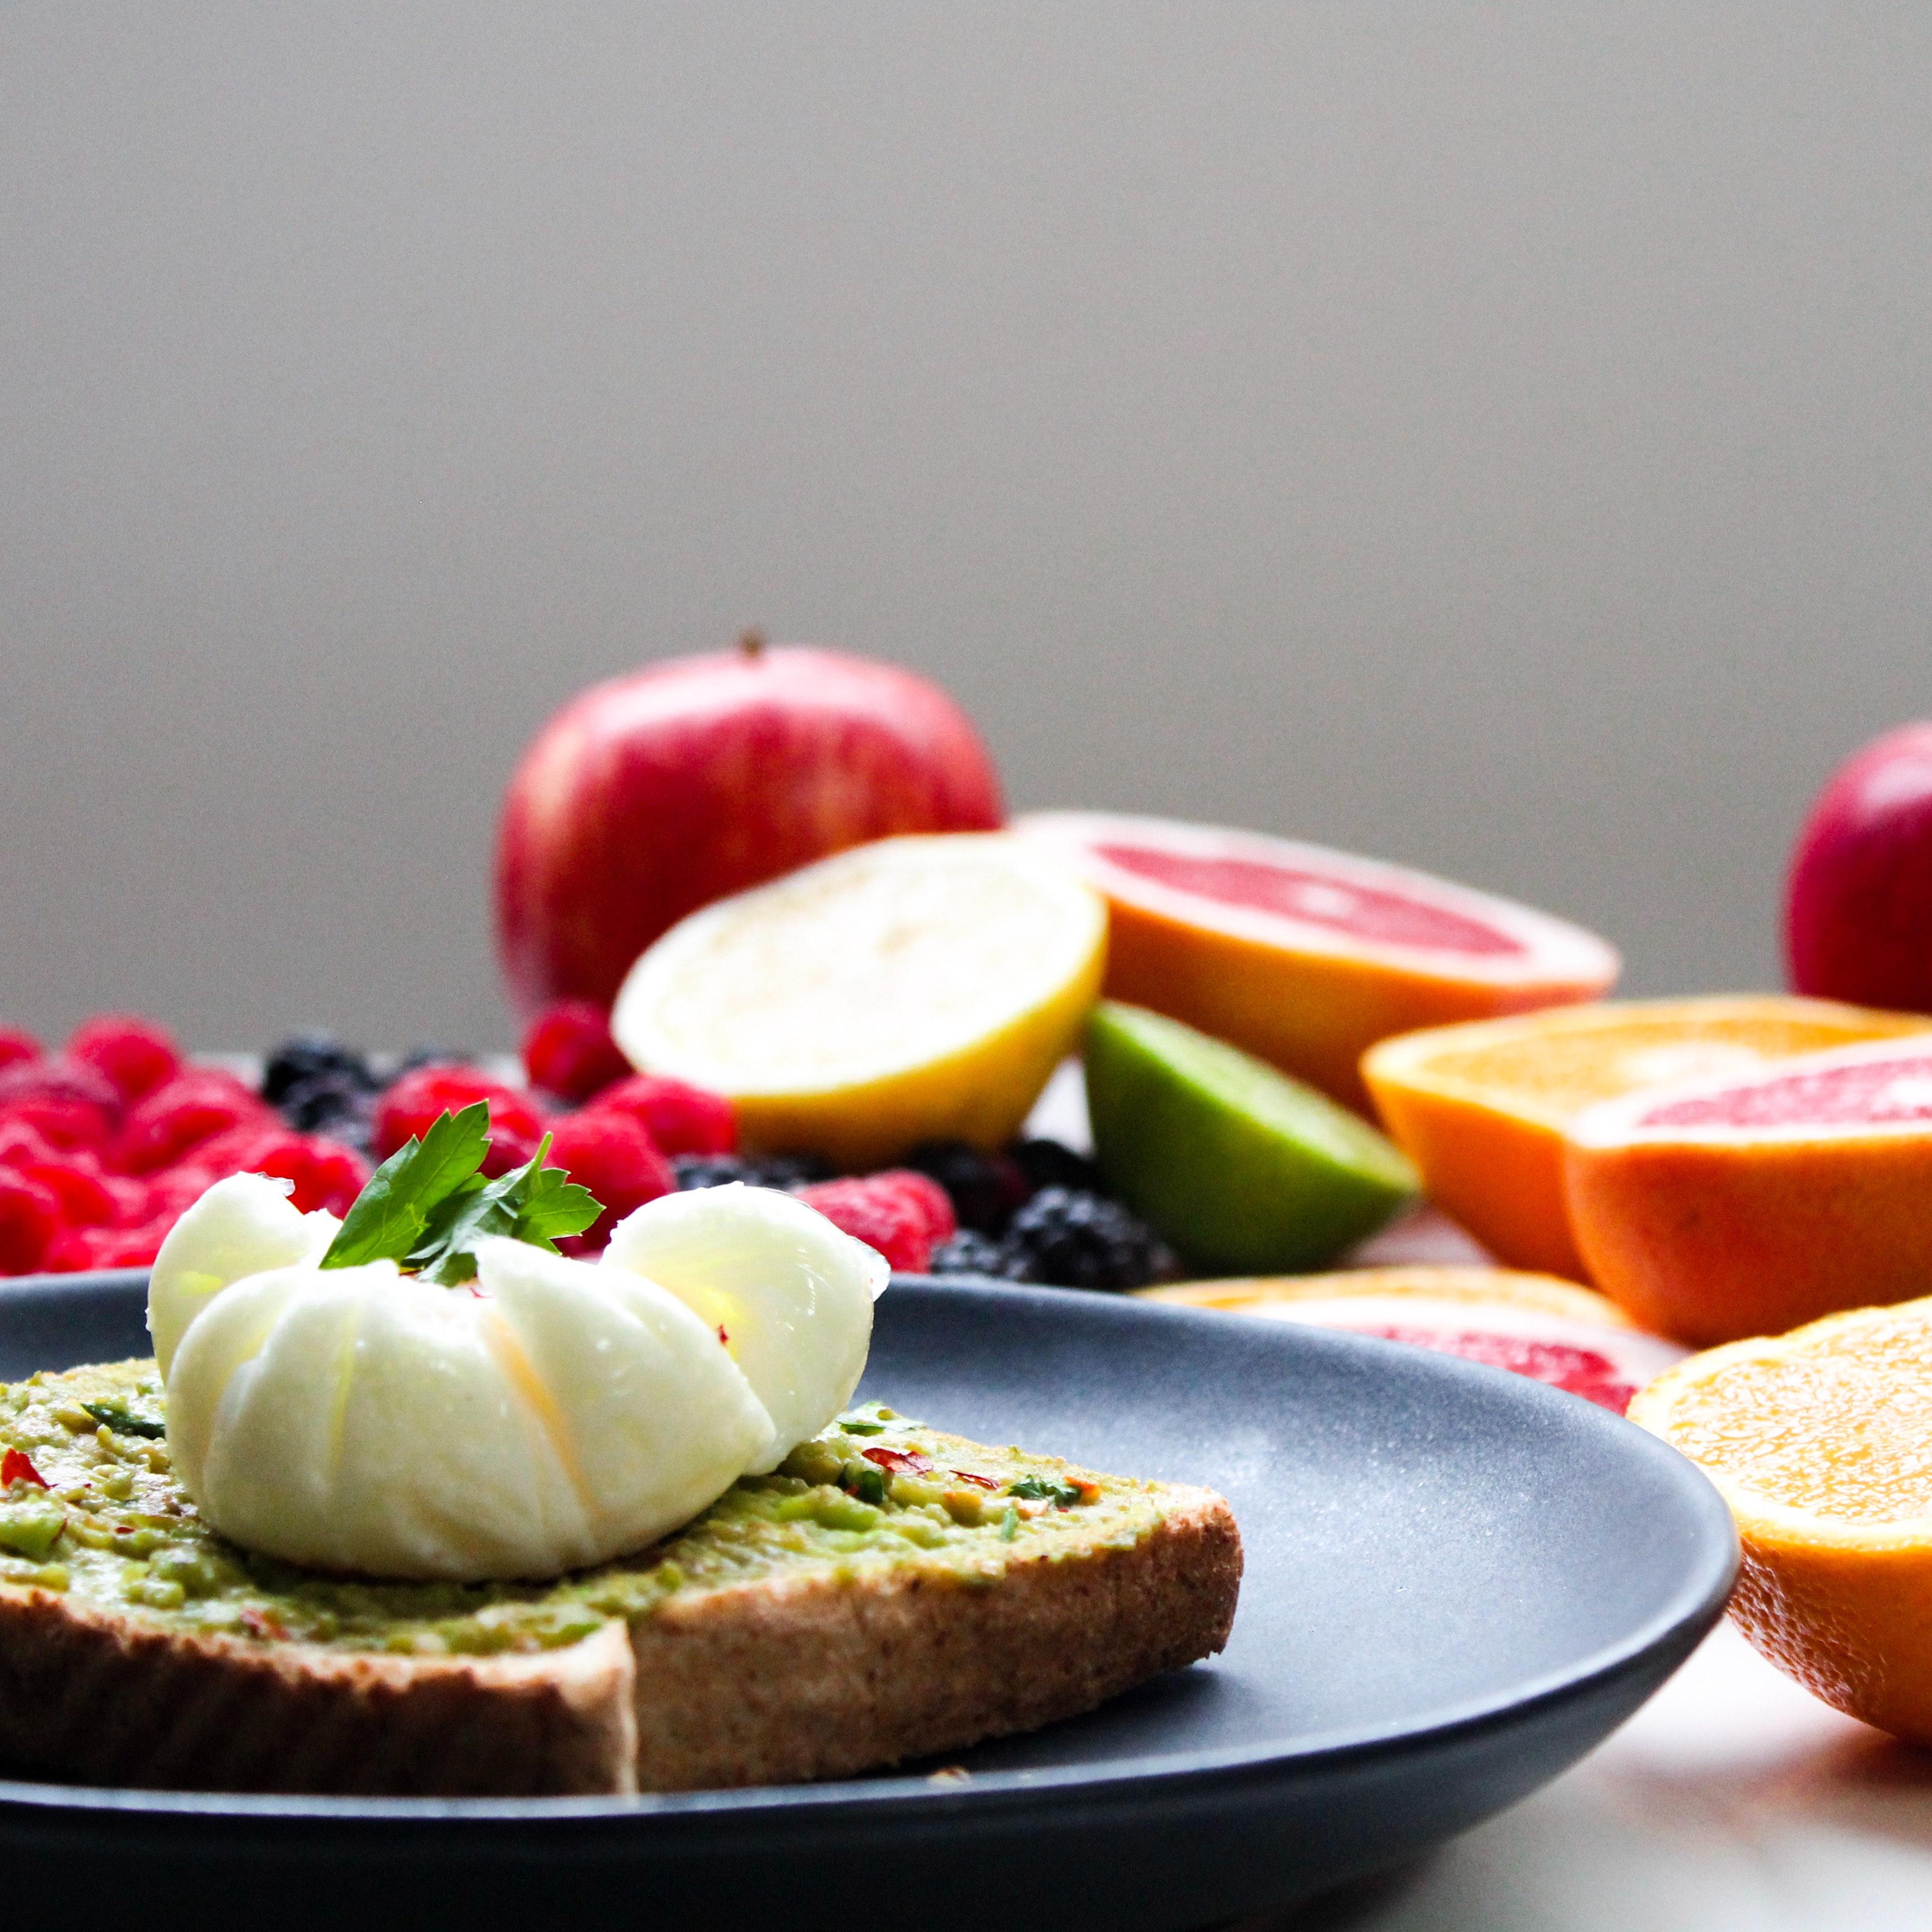 Darmowe Zdjecia Chleb Sciesniac Pyszne Zdrowe Odzywianie